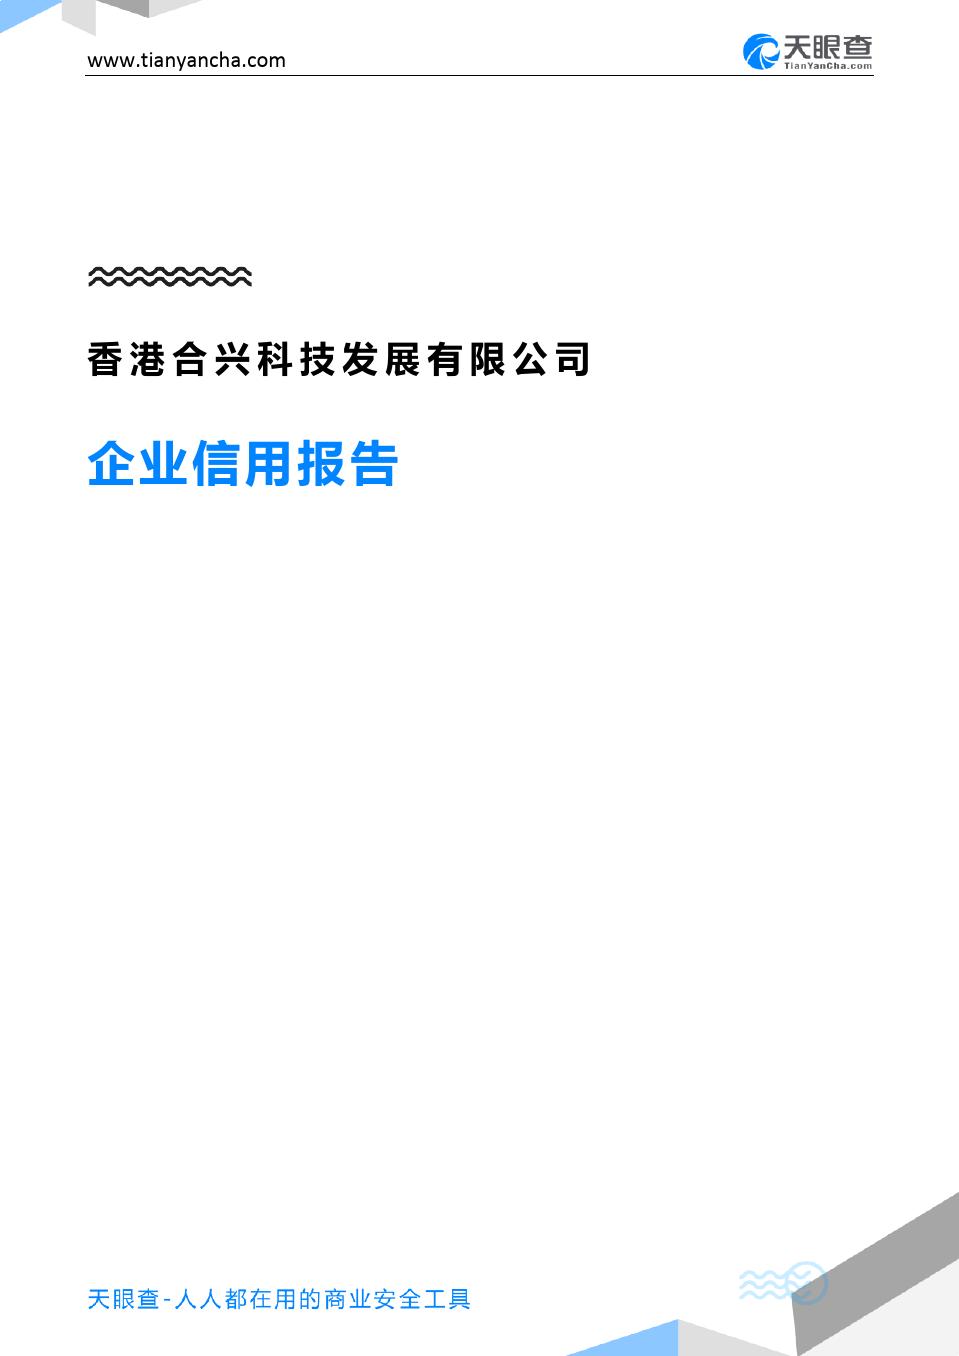 香港合兴科技发展有限公司企业信用报告-天眼查